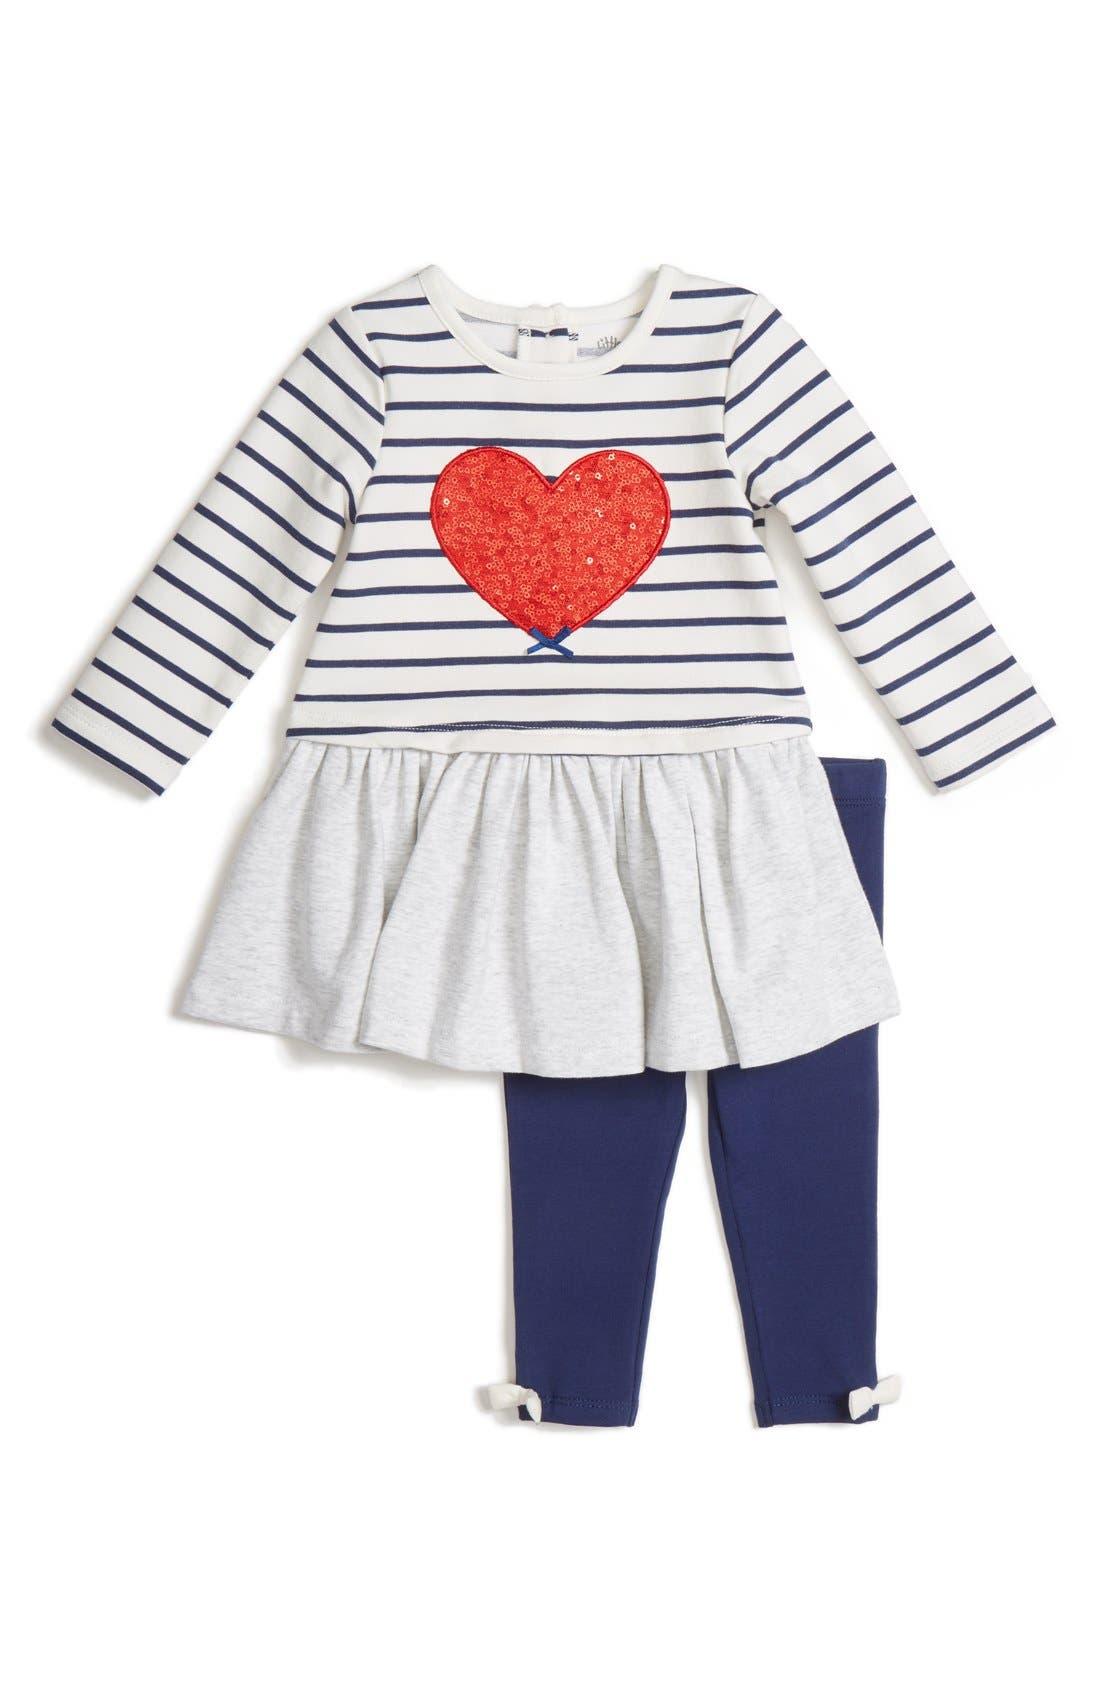 Main Image - Little Me 'Heart' Dress & Leggings Set (Baby Girls)